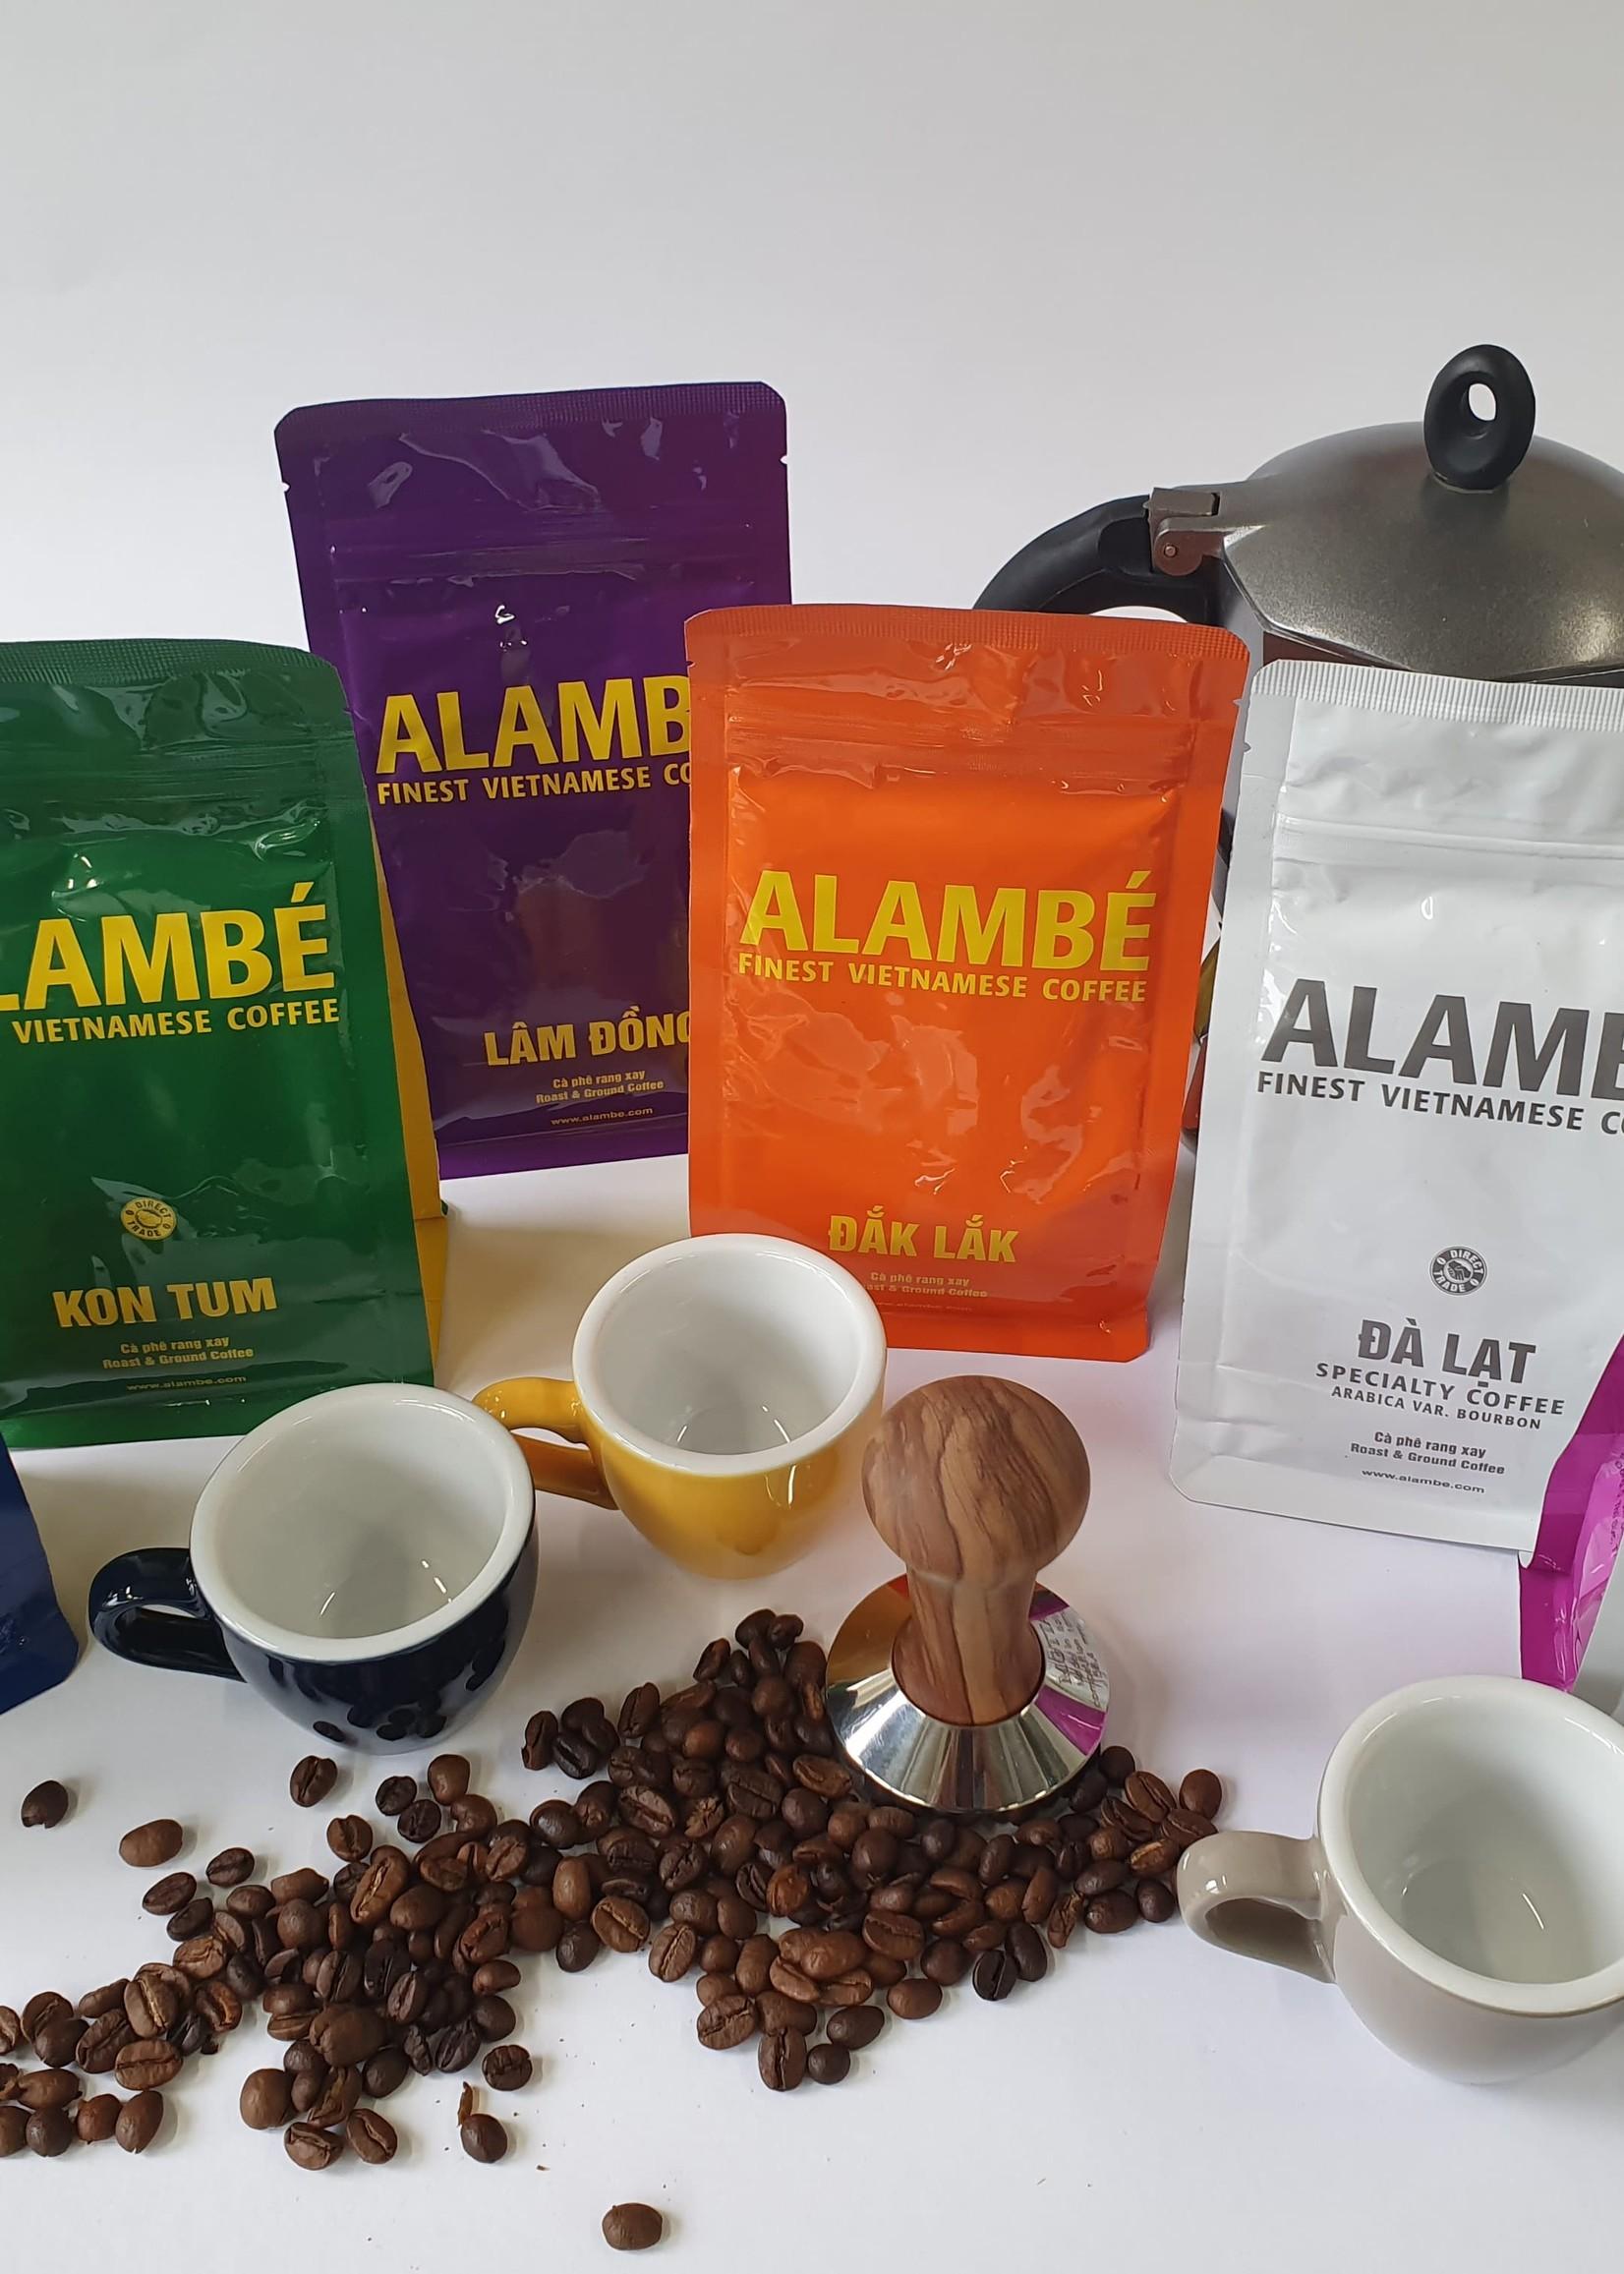 Alambé - Finest Vietnamese Coffee Le paquet de découverte du café Alambé (moulu)